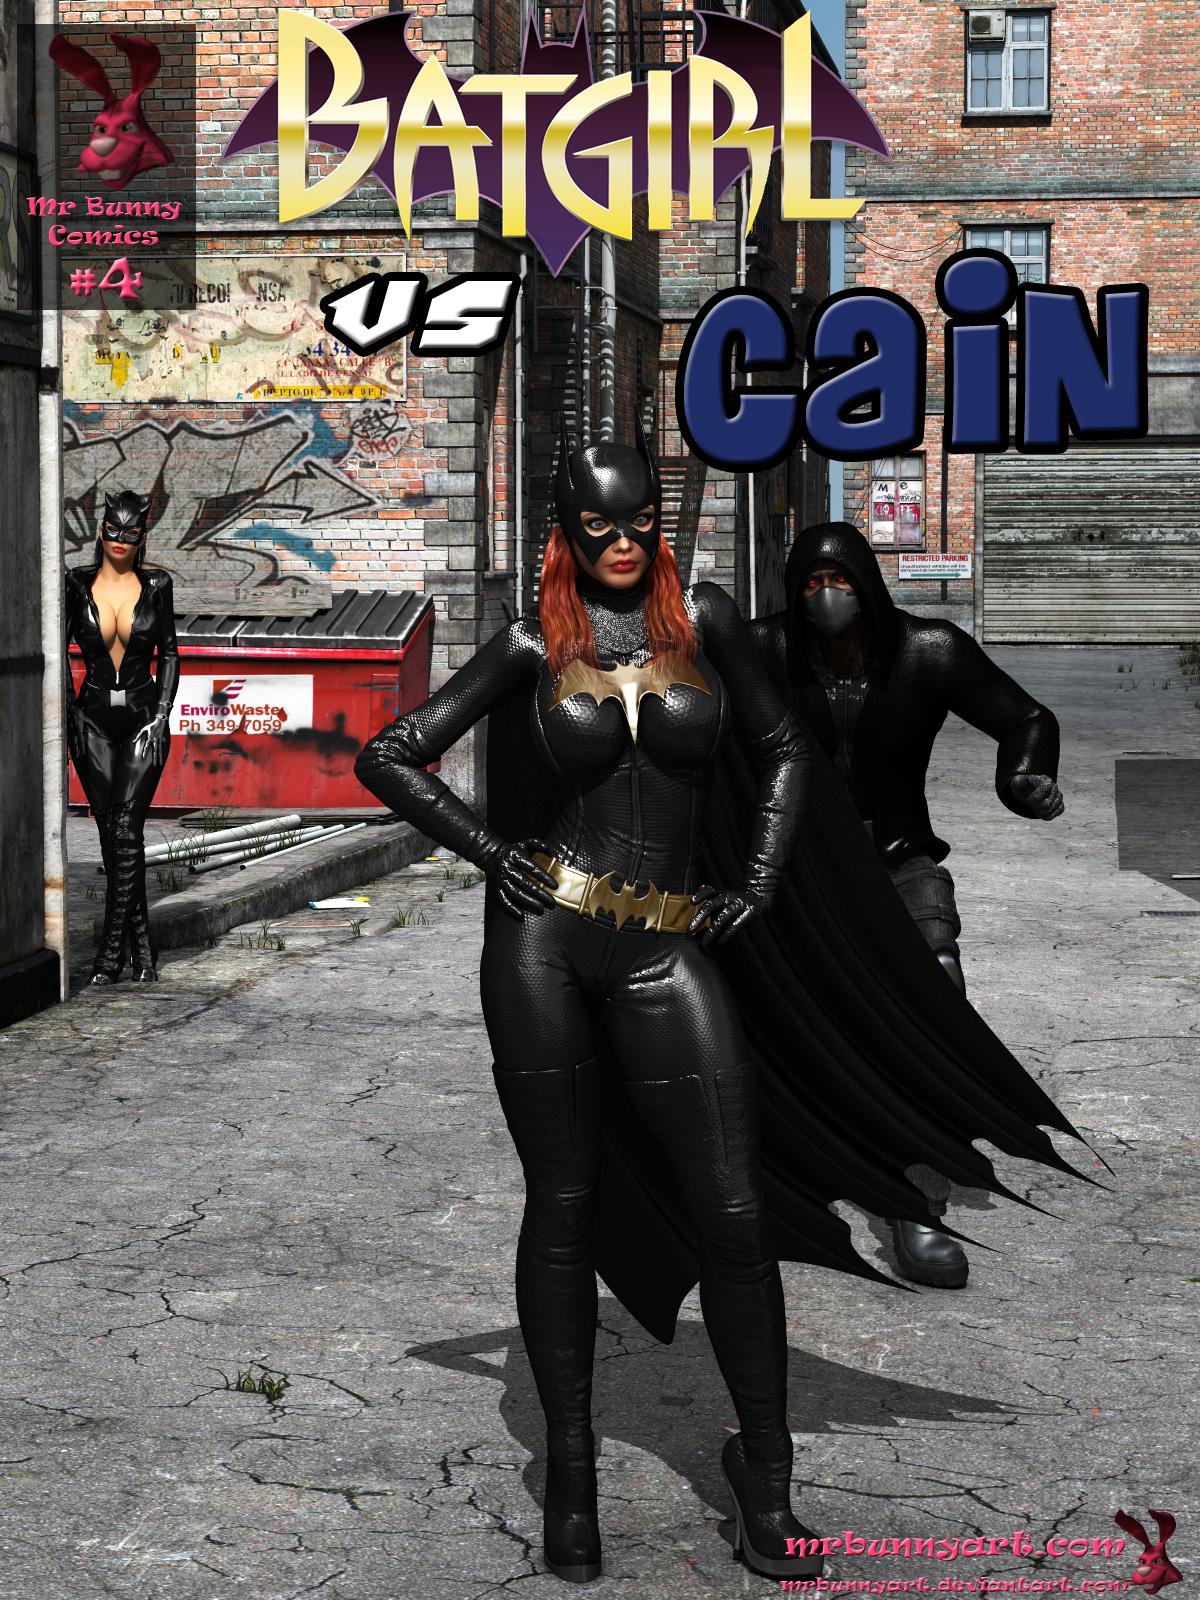 SureFap xxx porno Batman - [MrBunnyArt] - Comics #4 - Batgirl vs Cain